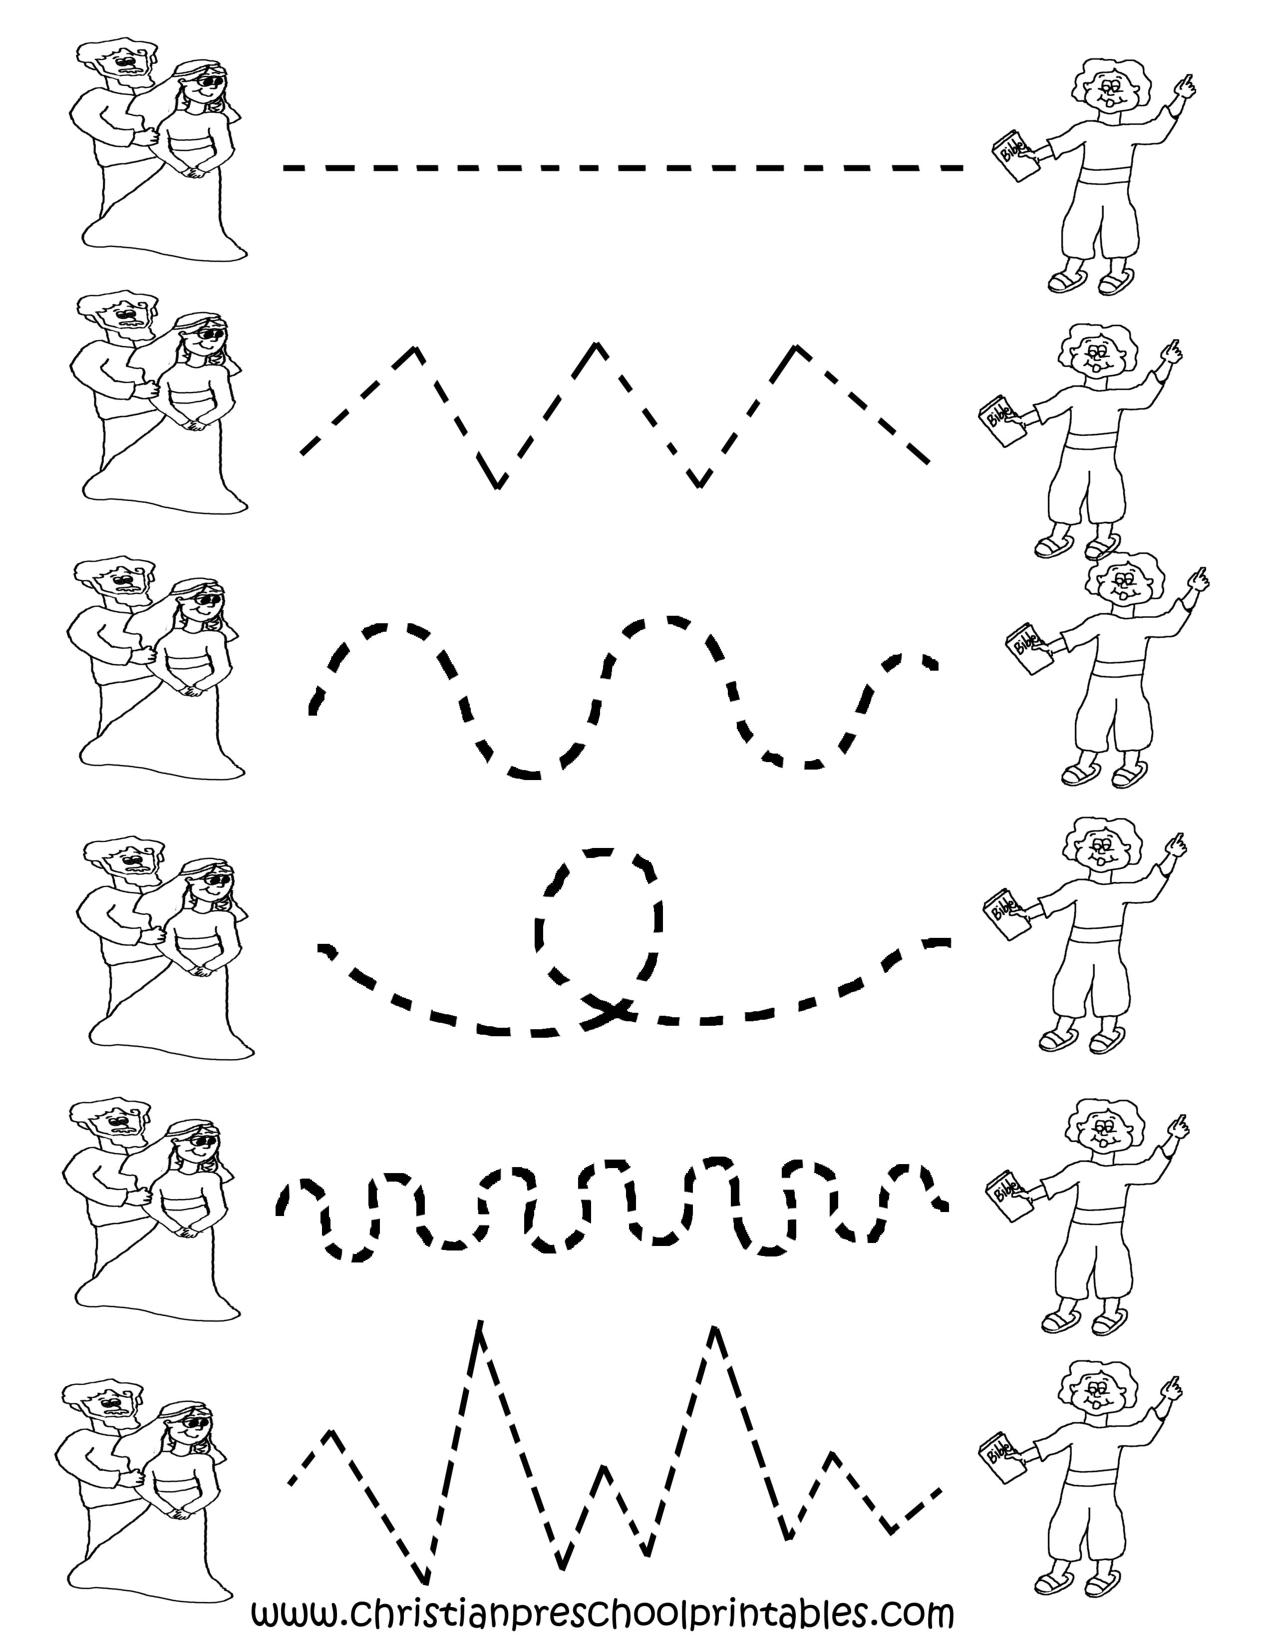 Free Printable Worksheets For Preschool | Preschool Tracing - Free Printable Preschool Worksheets